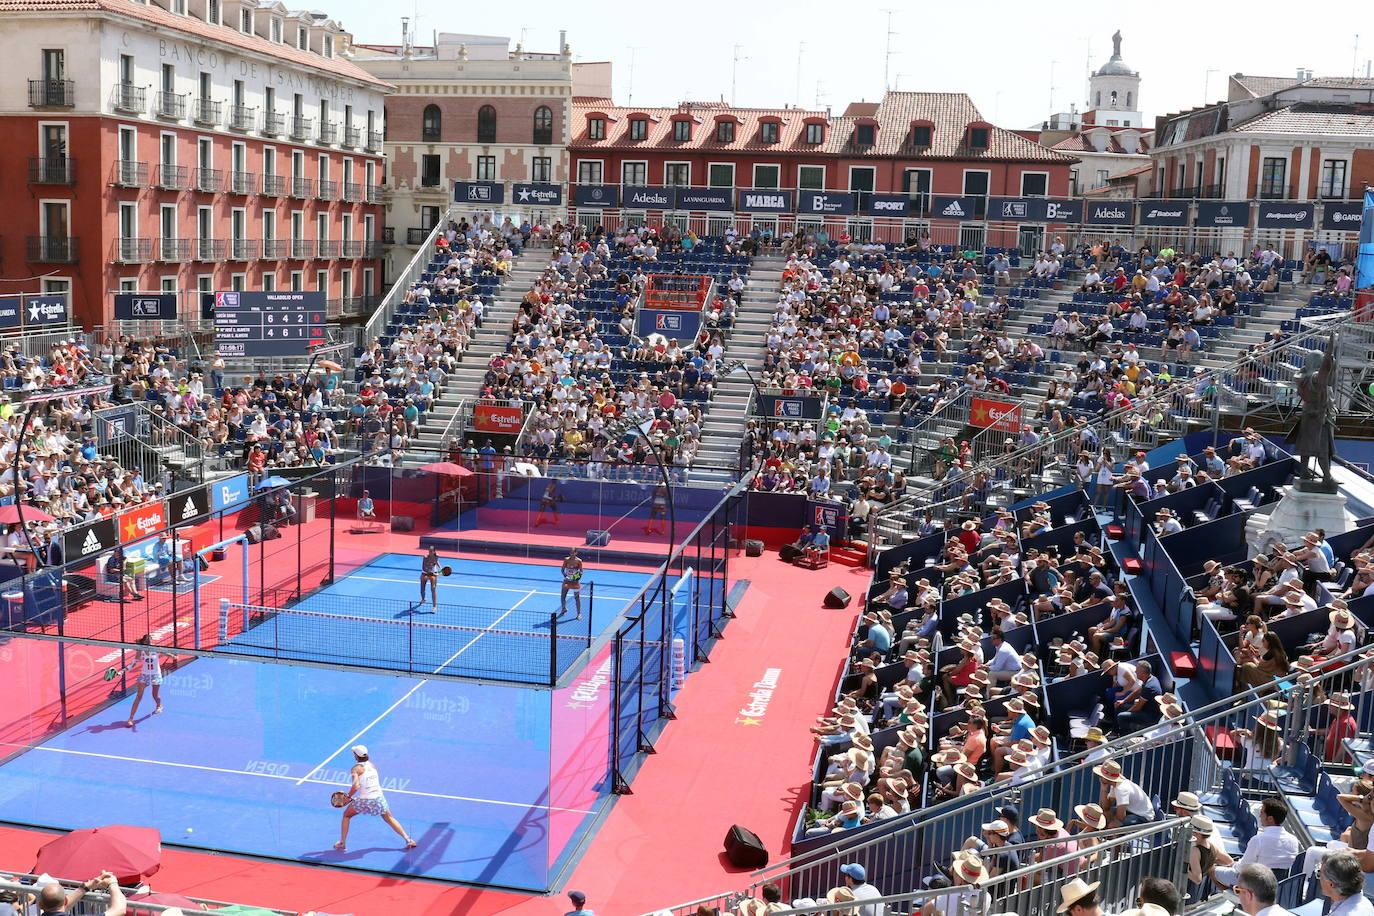 La Junta otorga 614.000 euros para eventos deportivos extraordinarios